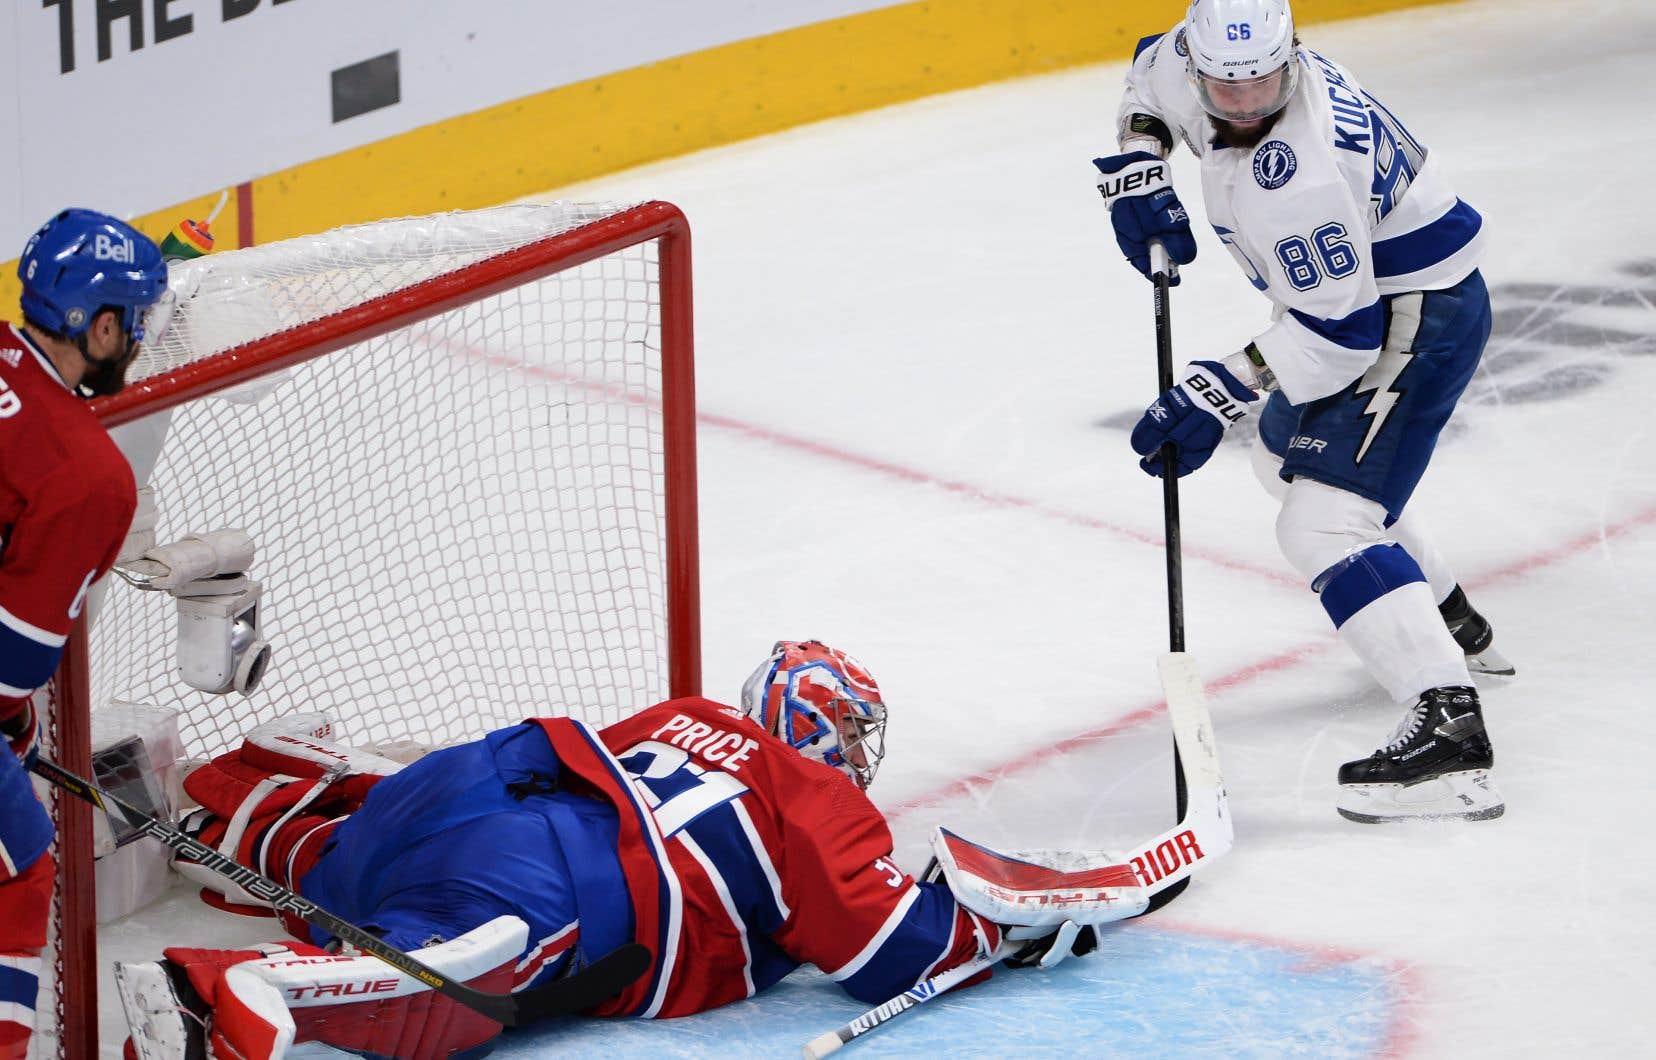 Le Lightning de Tampa Bay a remporté 6-3 le 3e match de la finale de la Coupe Stanley contre le Canadien vendredi soir.